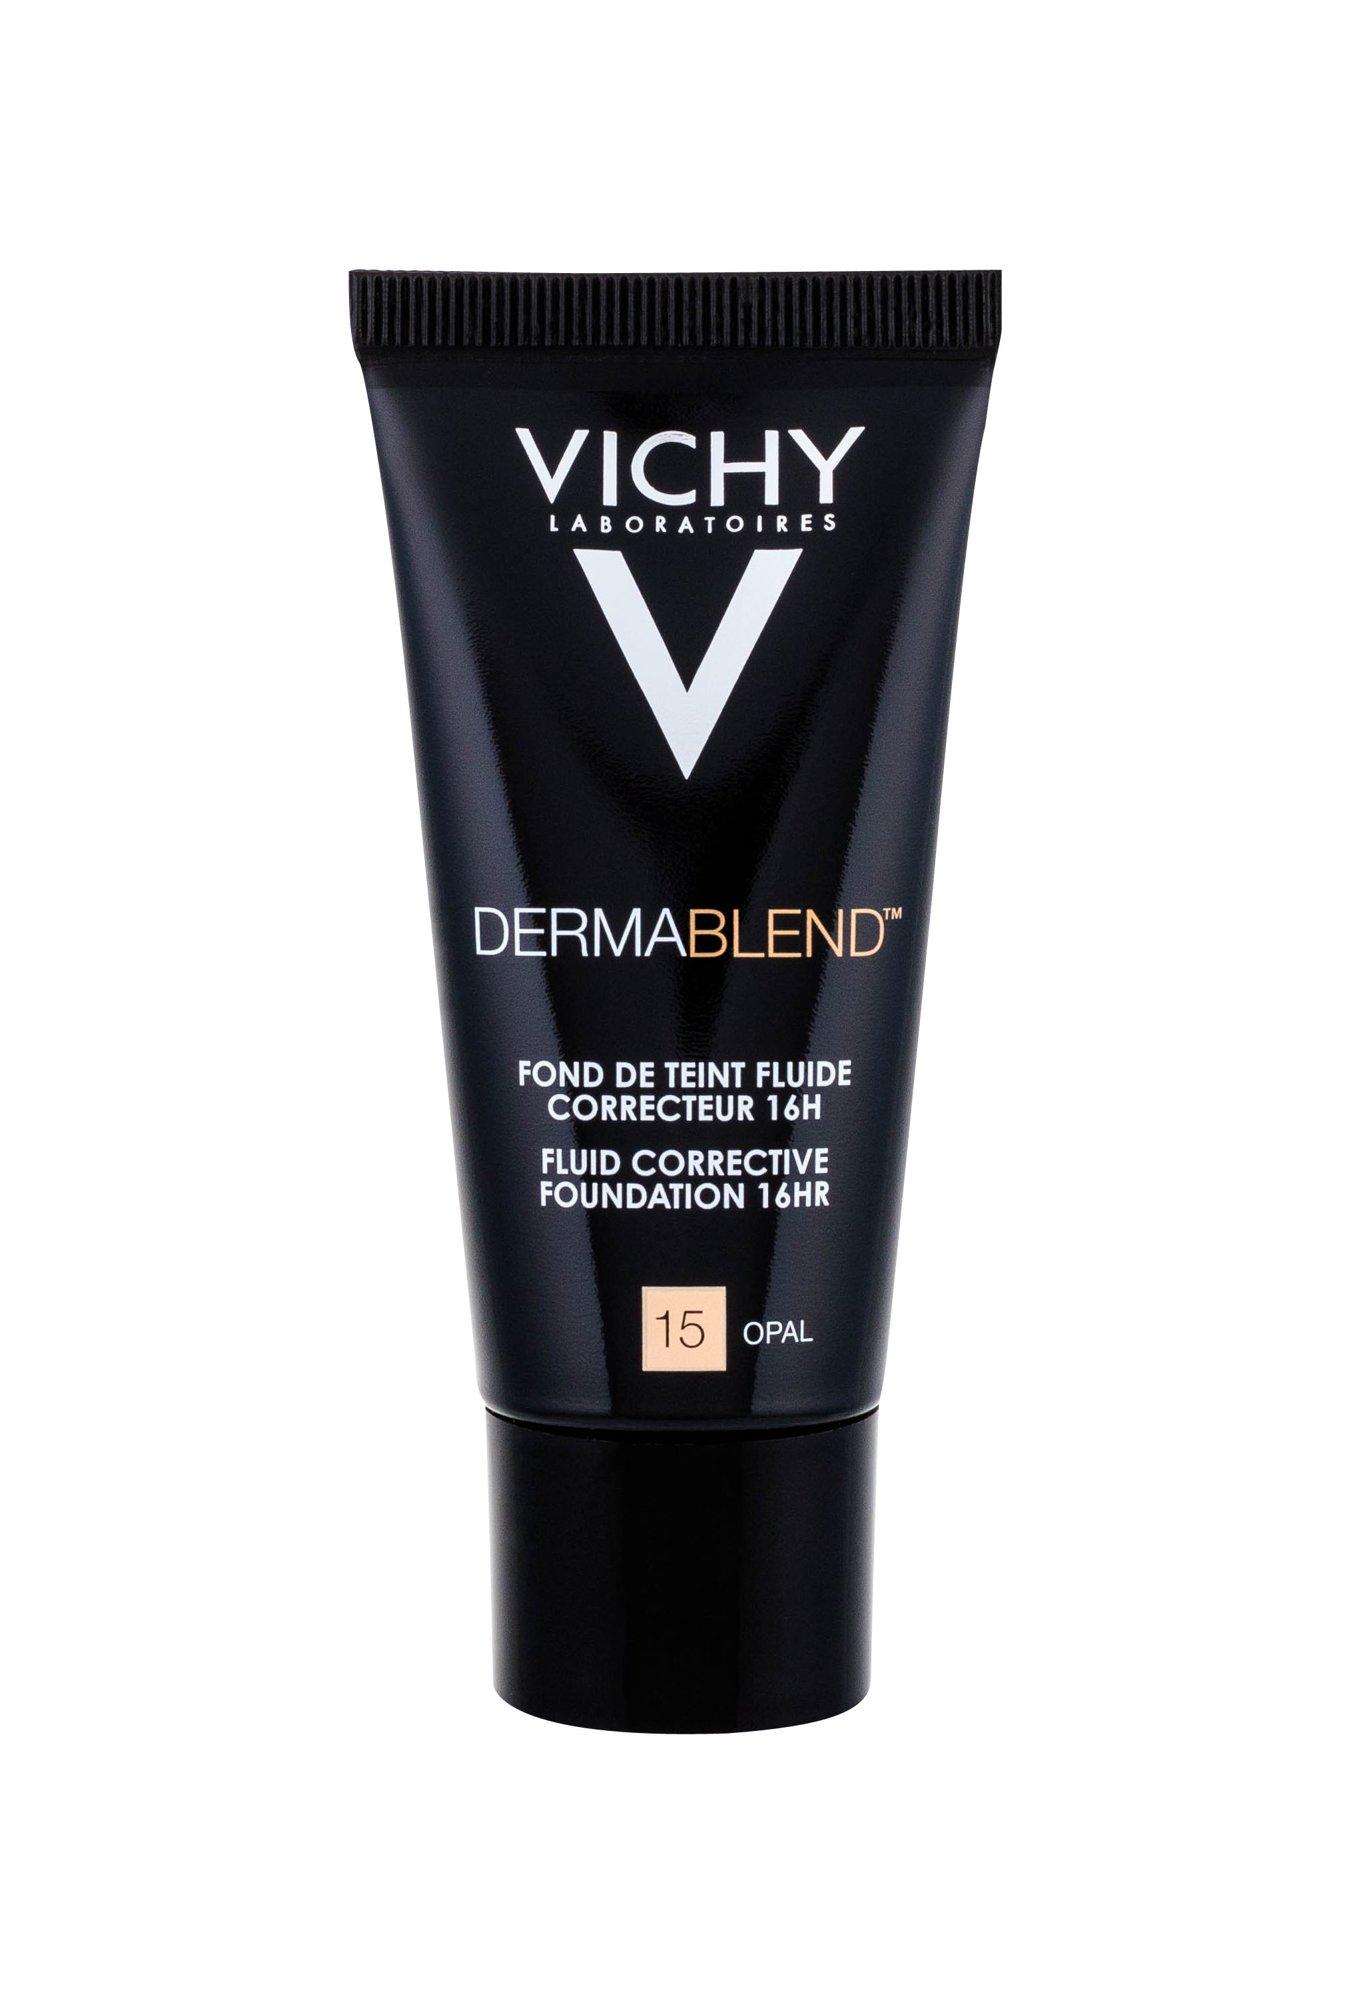 Vichy Dermablend Makeup 30ml 15 Opal